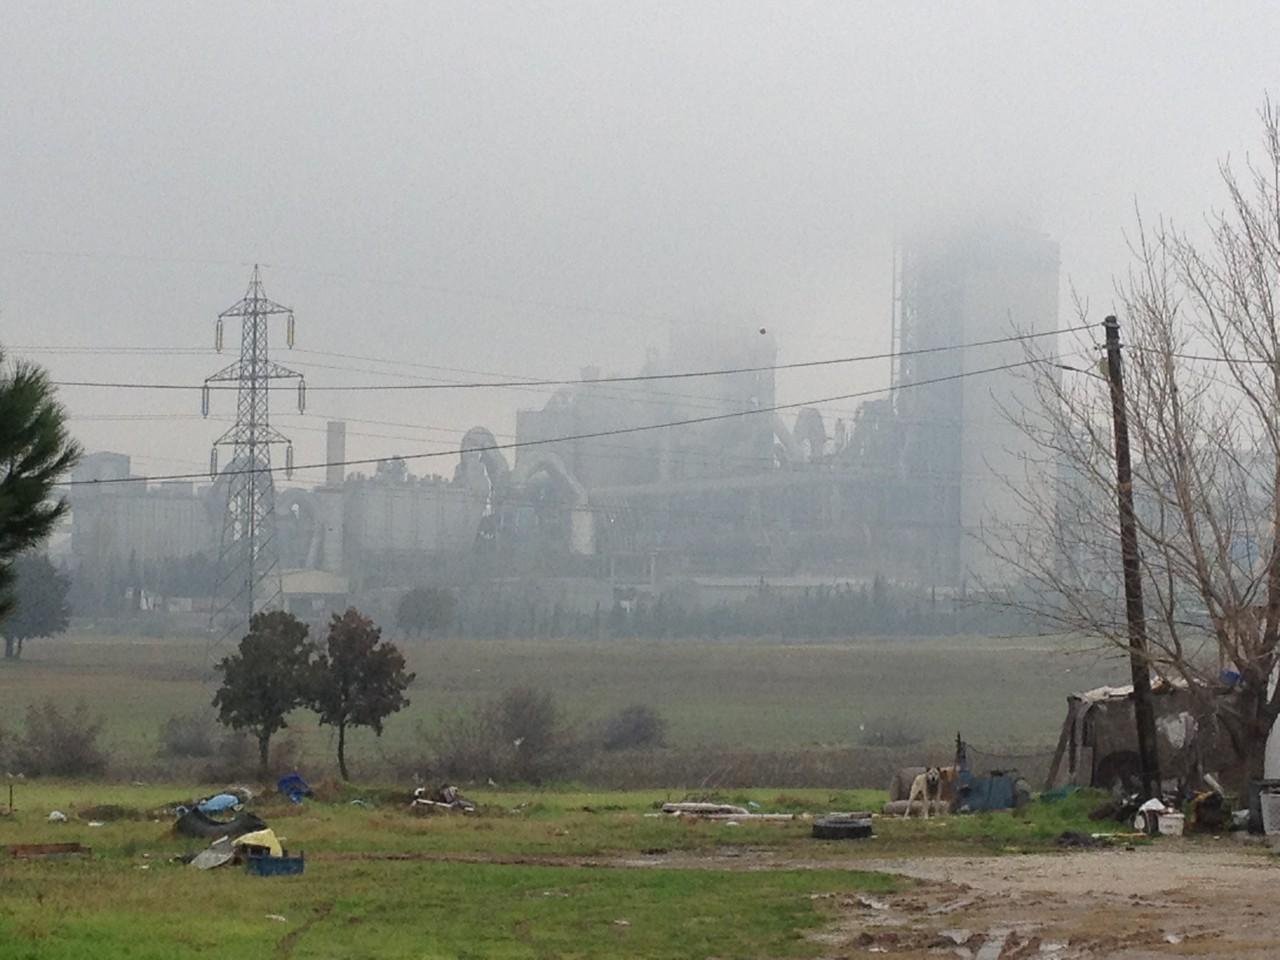 Kohlekraftwerk mit entsprechender Luftverschmutzung